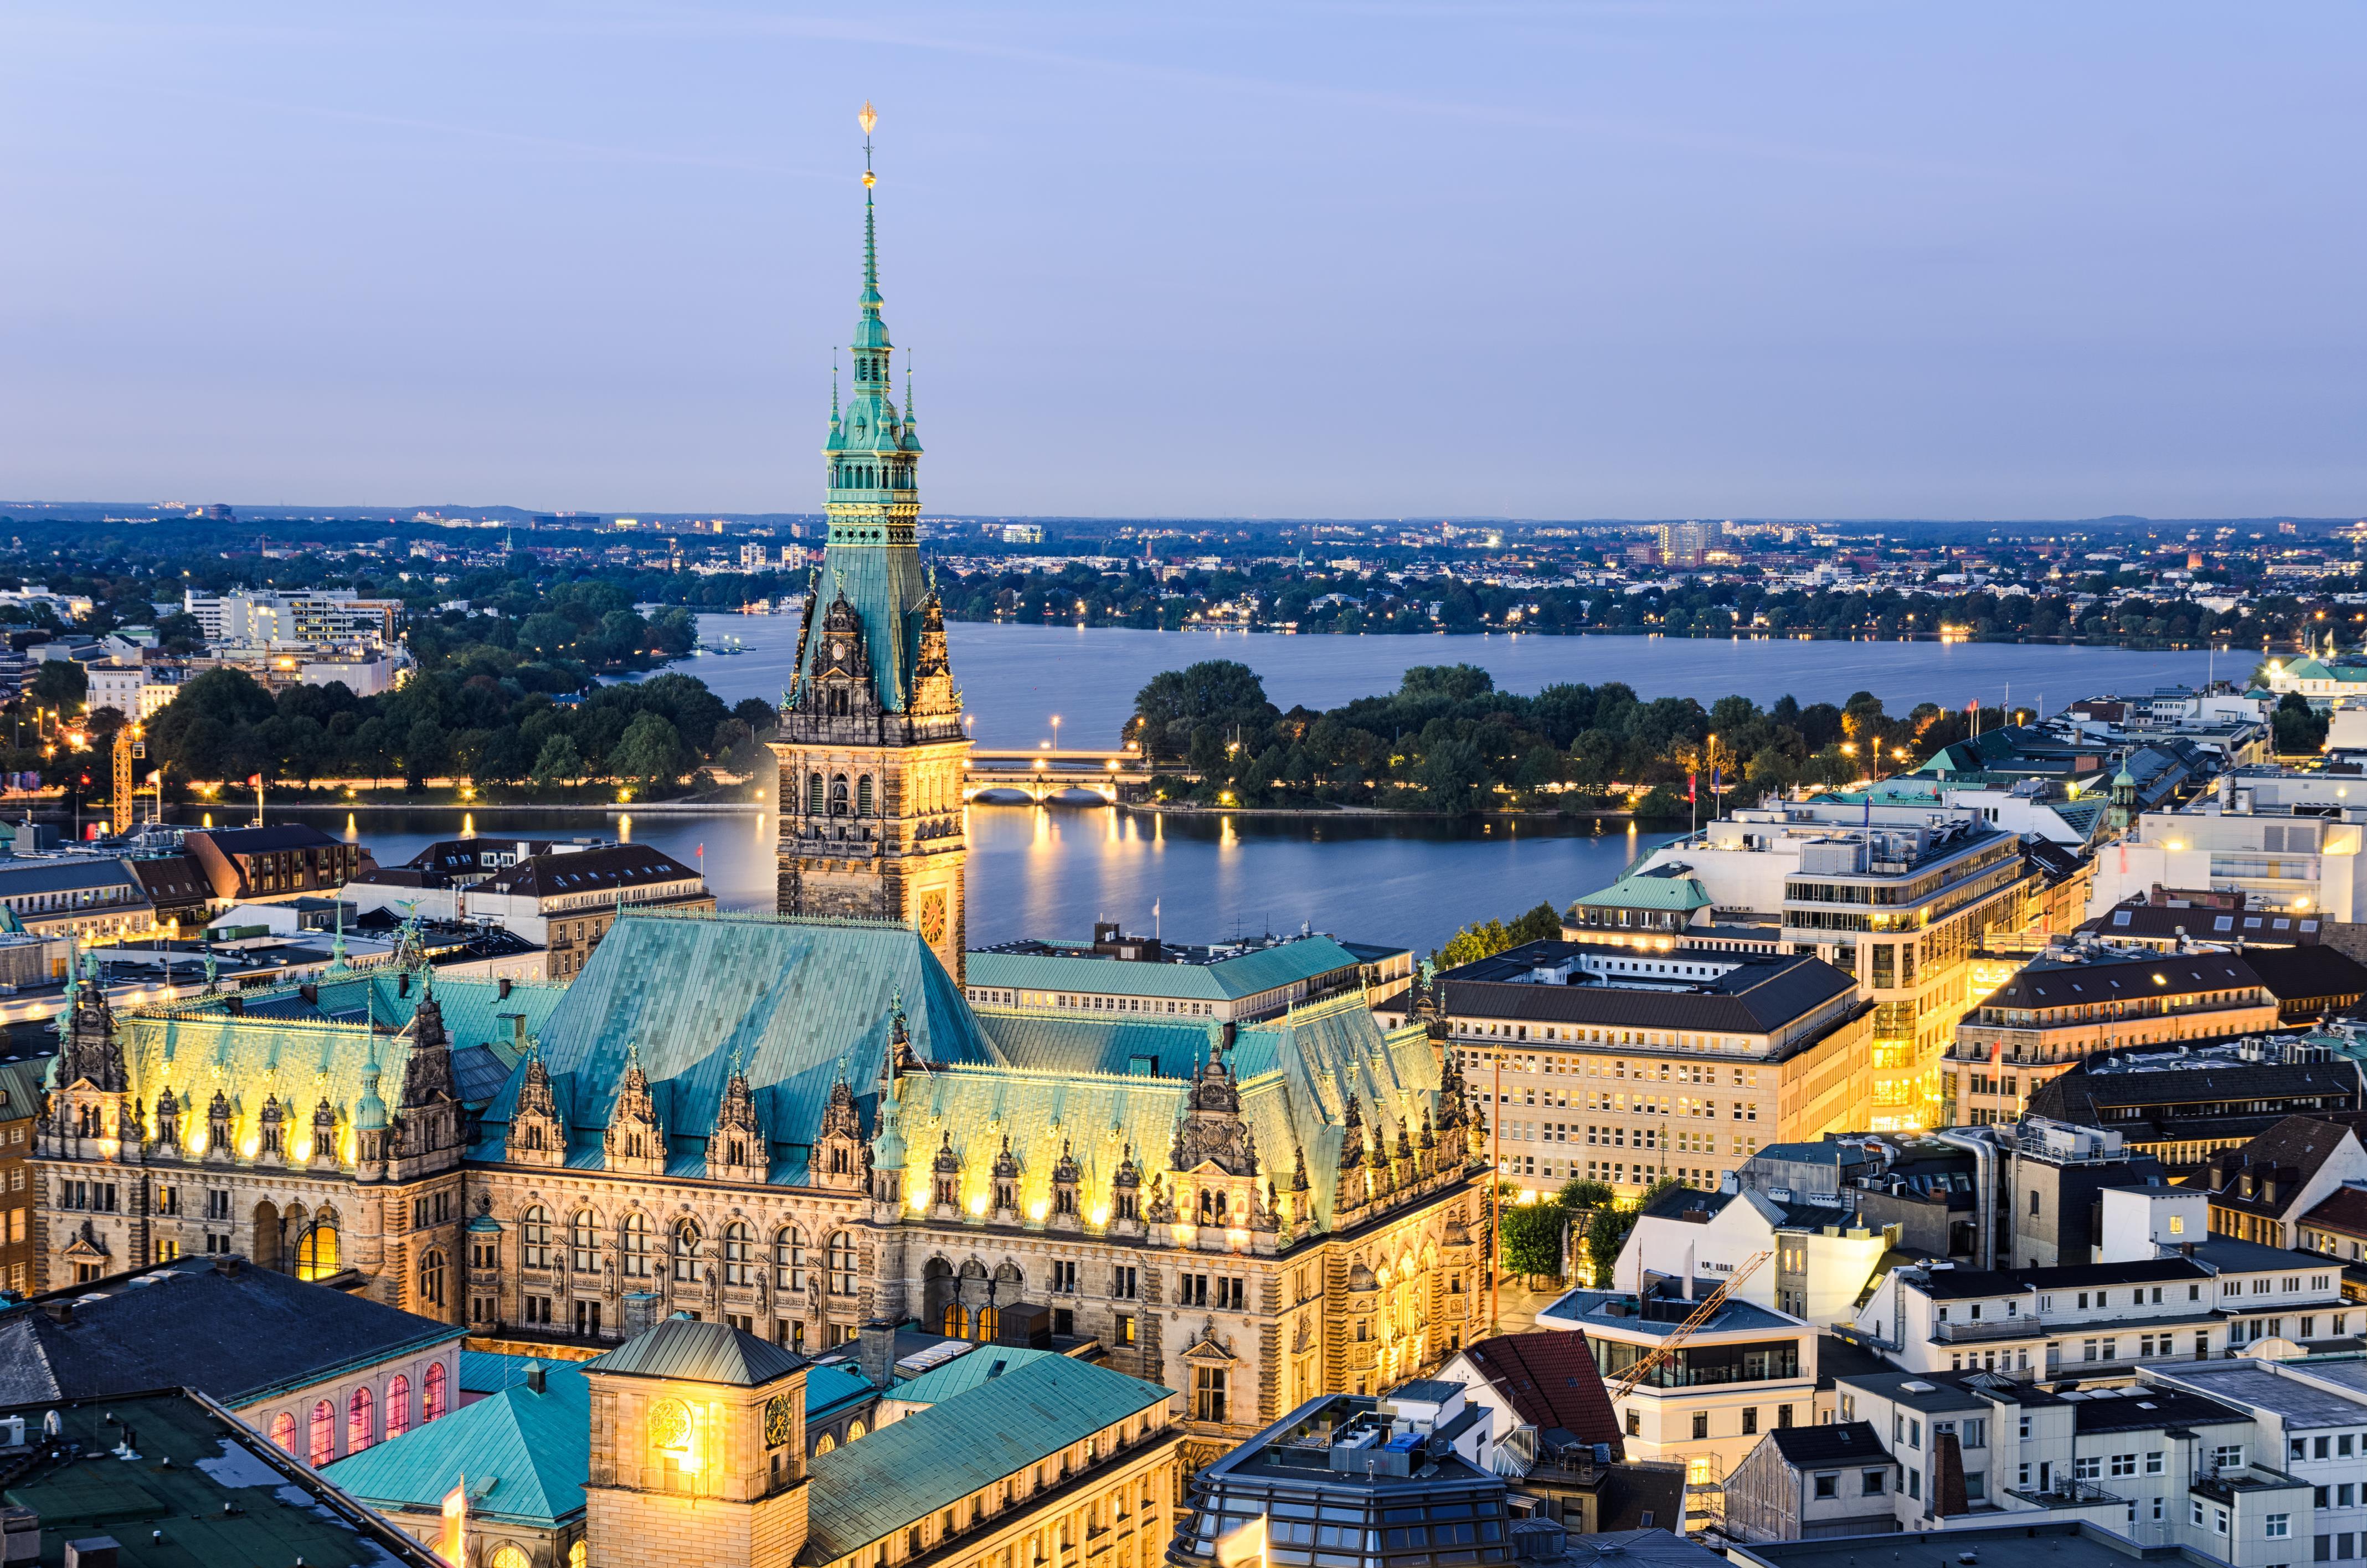 Hamburk je druhé největší město Německa, jeho největší přístav a jedna ze tří městských spolkových zemí Německa